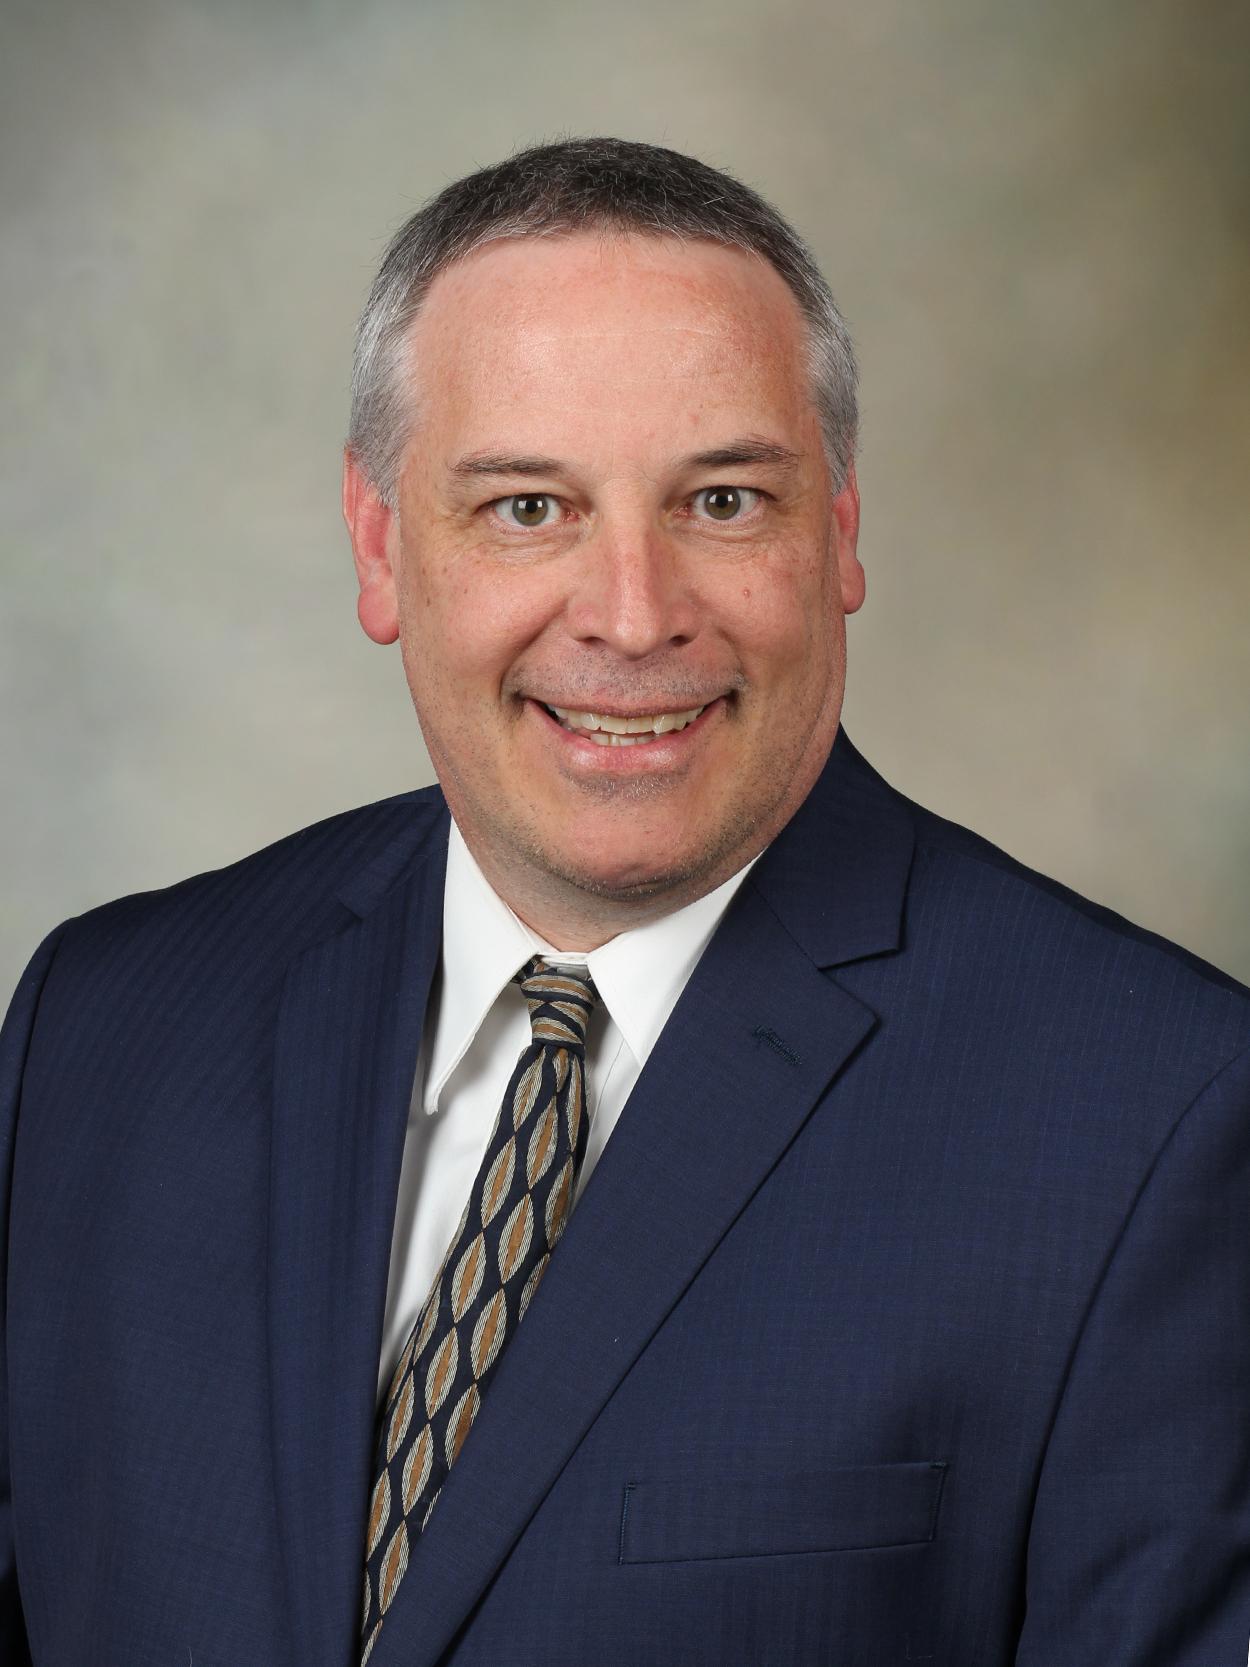 John Merfeld, M.D.